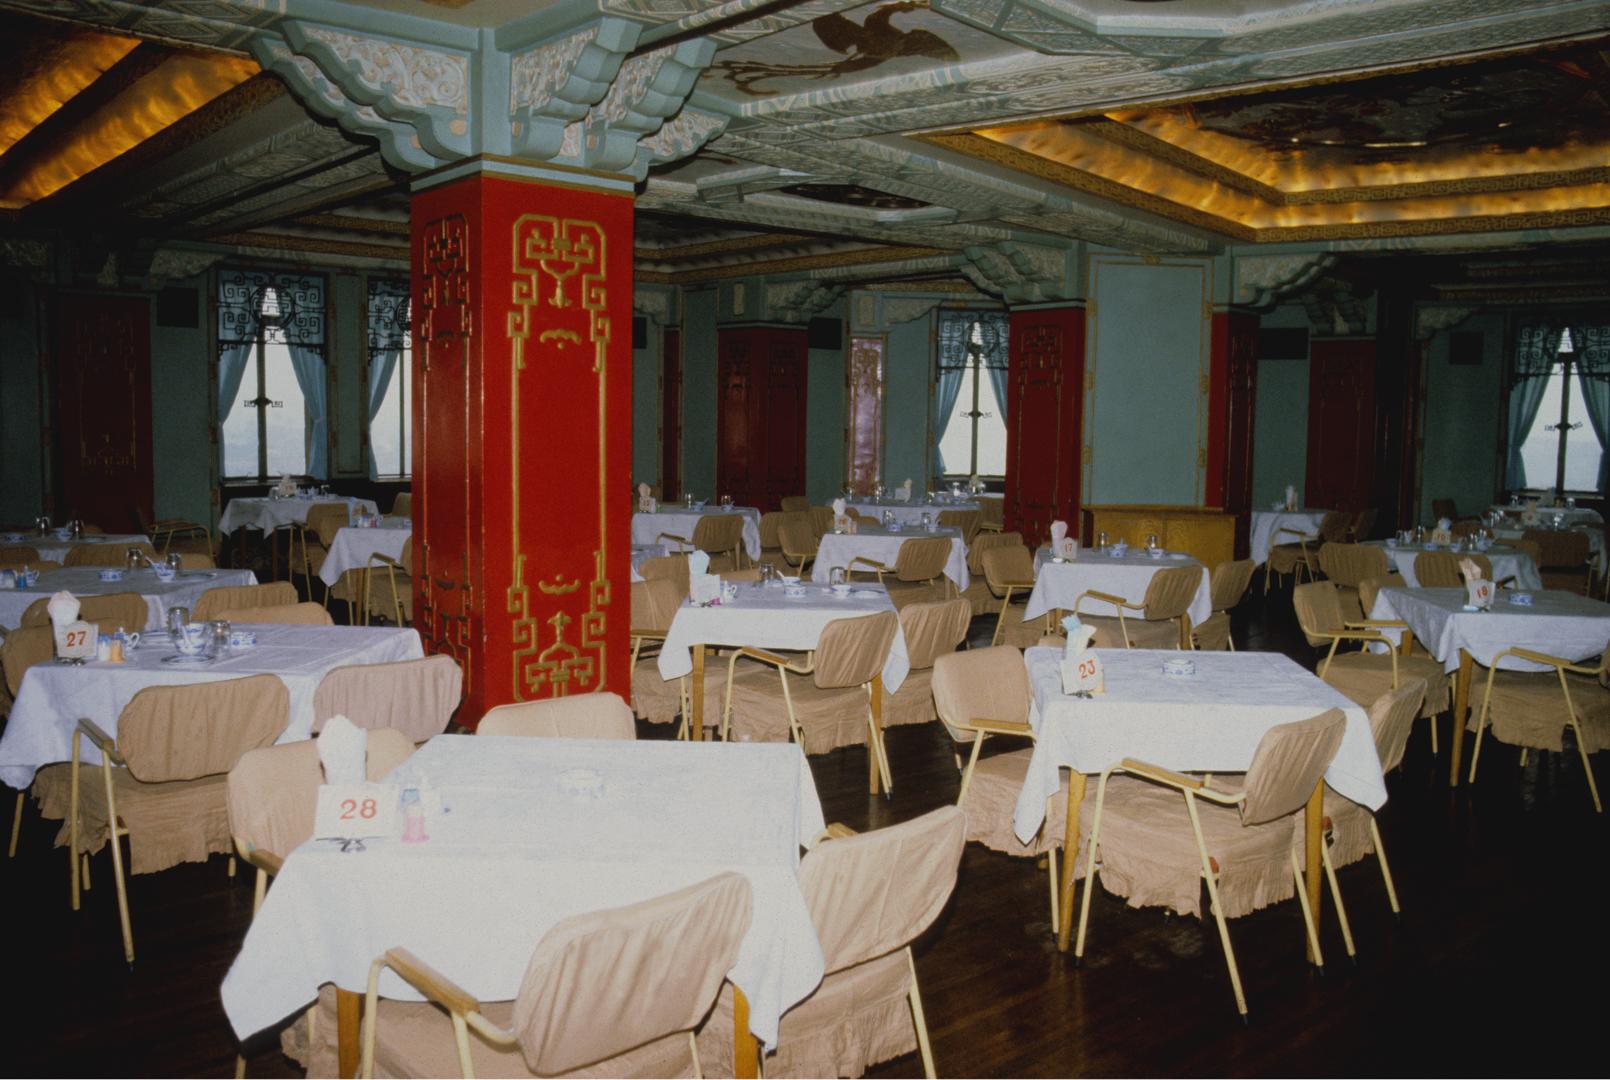 Banquet Room 1982 (22 x 14.75)